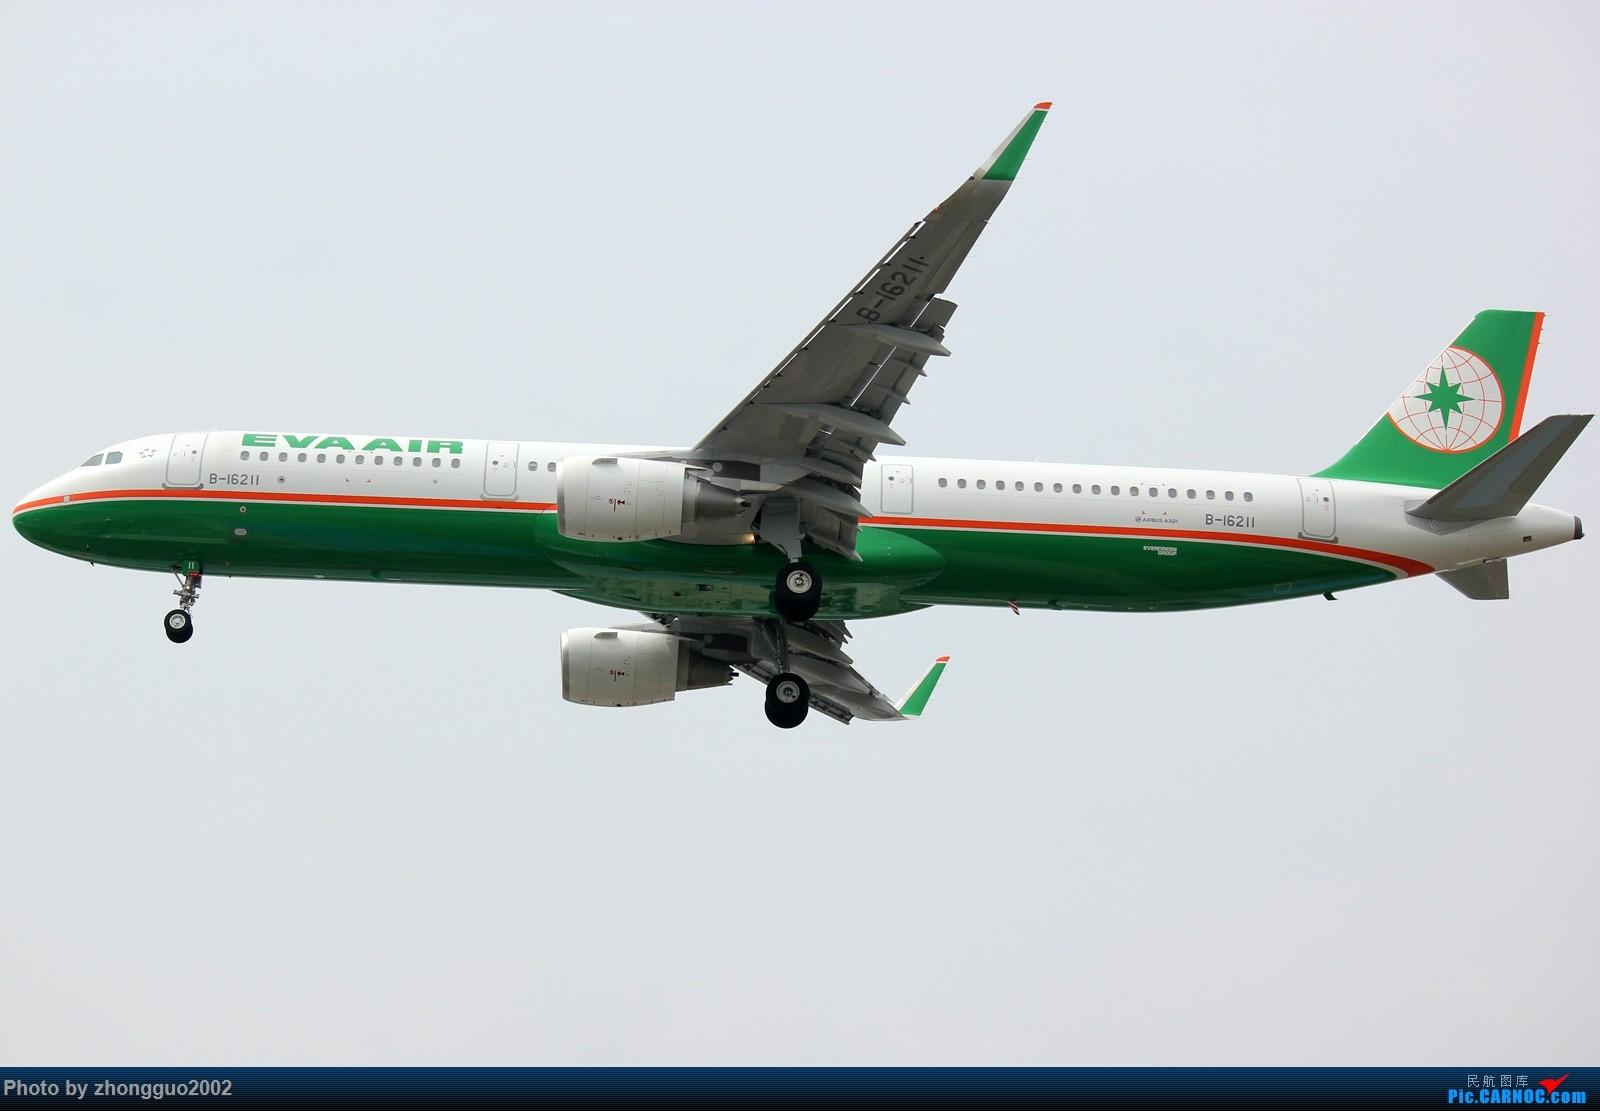 Re:[原创]【BLDDQ--深圳打机队】发小飞机盖楼贴,凡跟帖1字开头大陆民航飞机图的,每图五架小飞机不重复 AIRBUS A321-200 B-16211 中国呼和浩特白塔国际机场